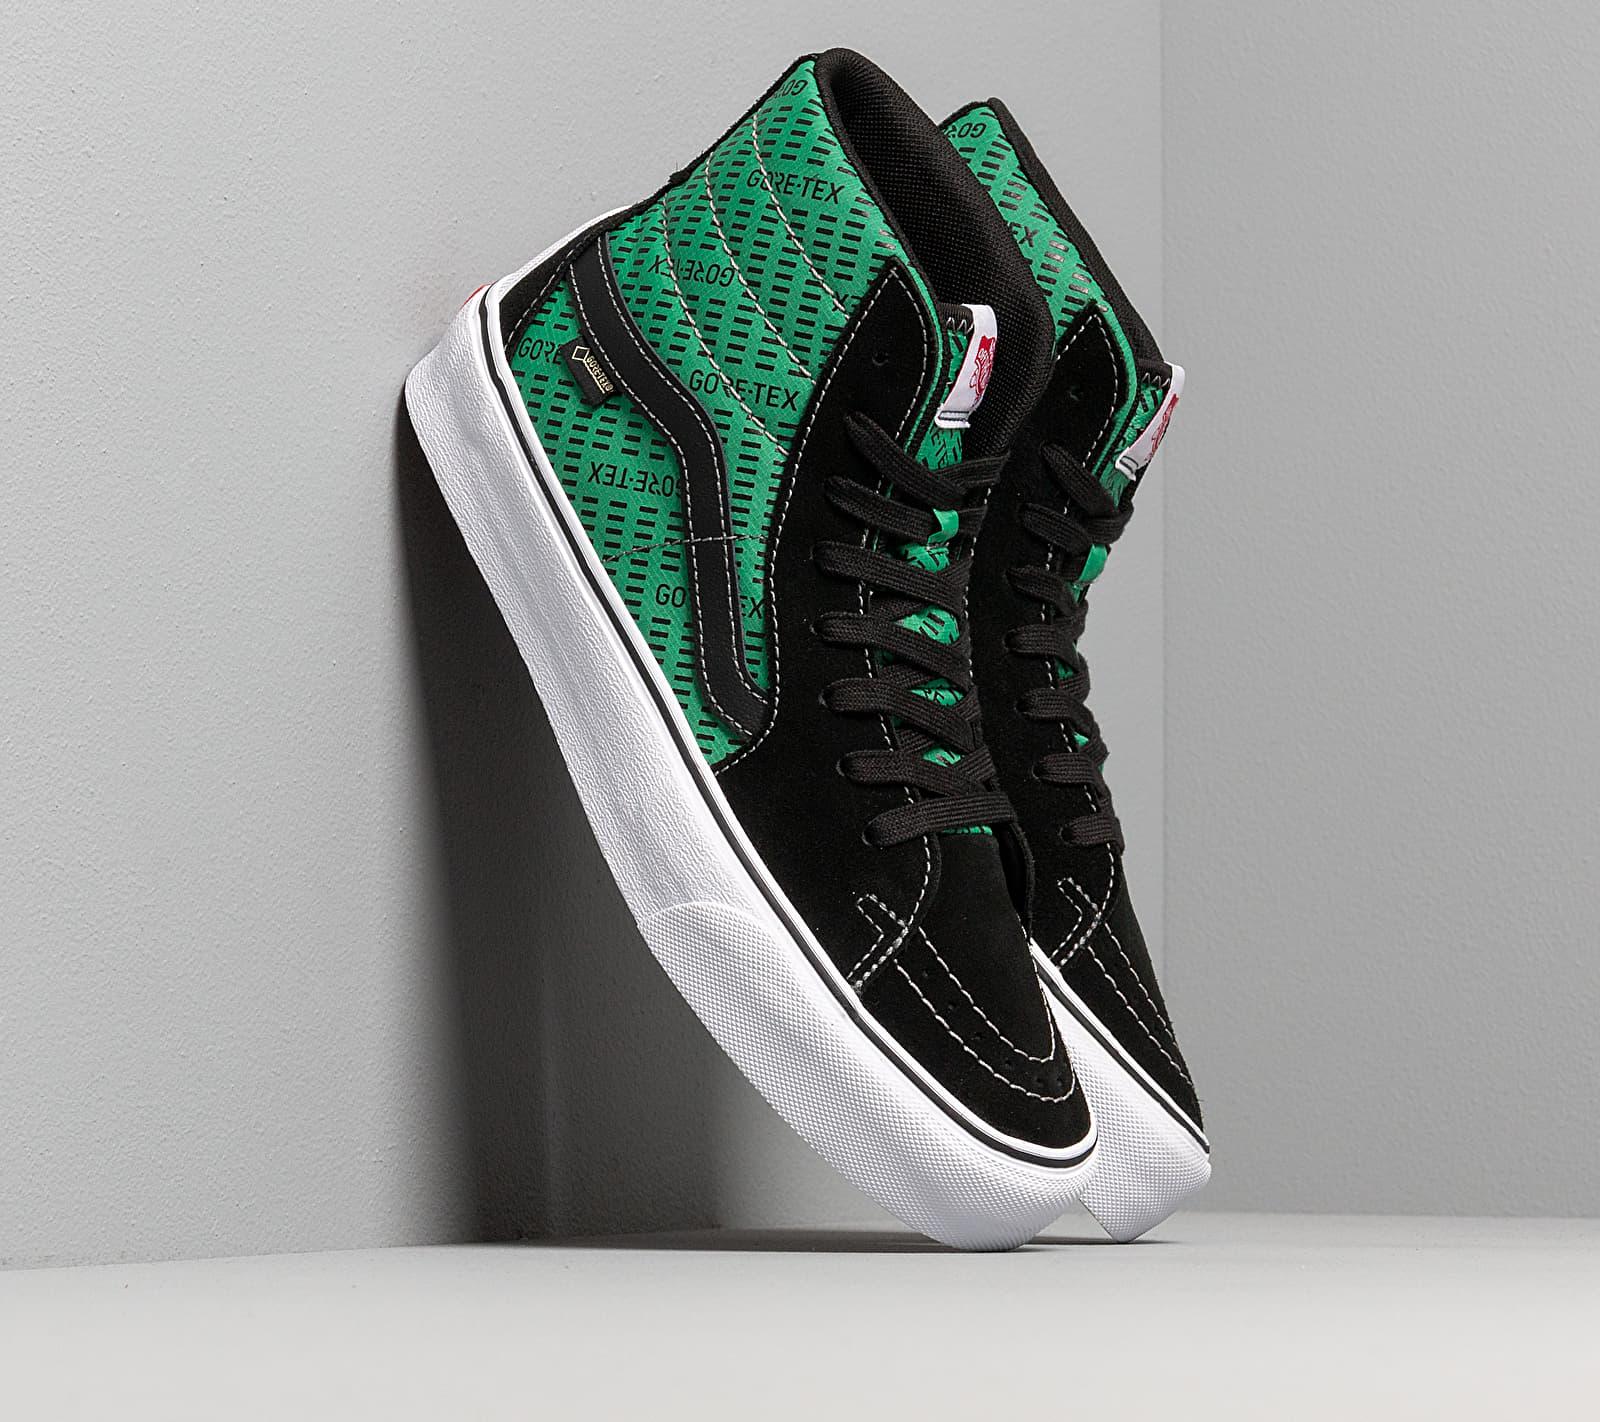 Vans Sk8-Hi Gore-Tex Black/ Green EUR 34.5